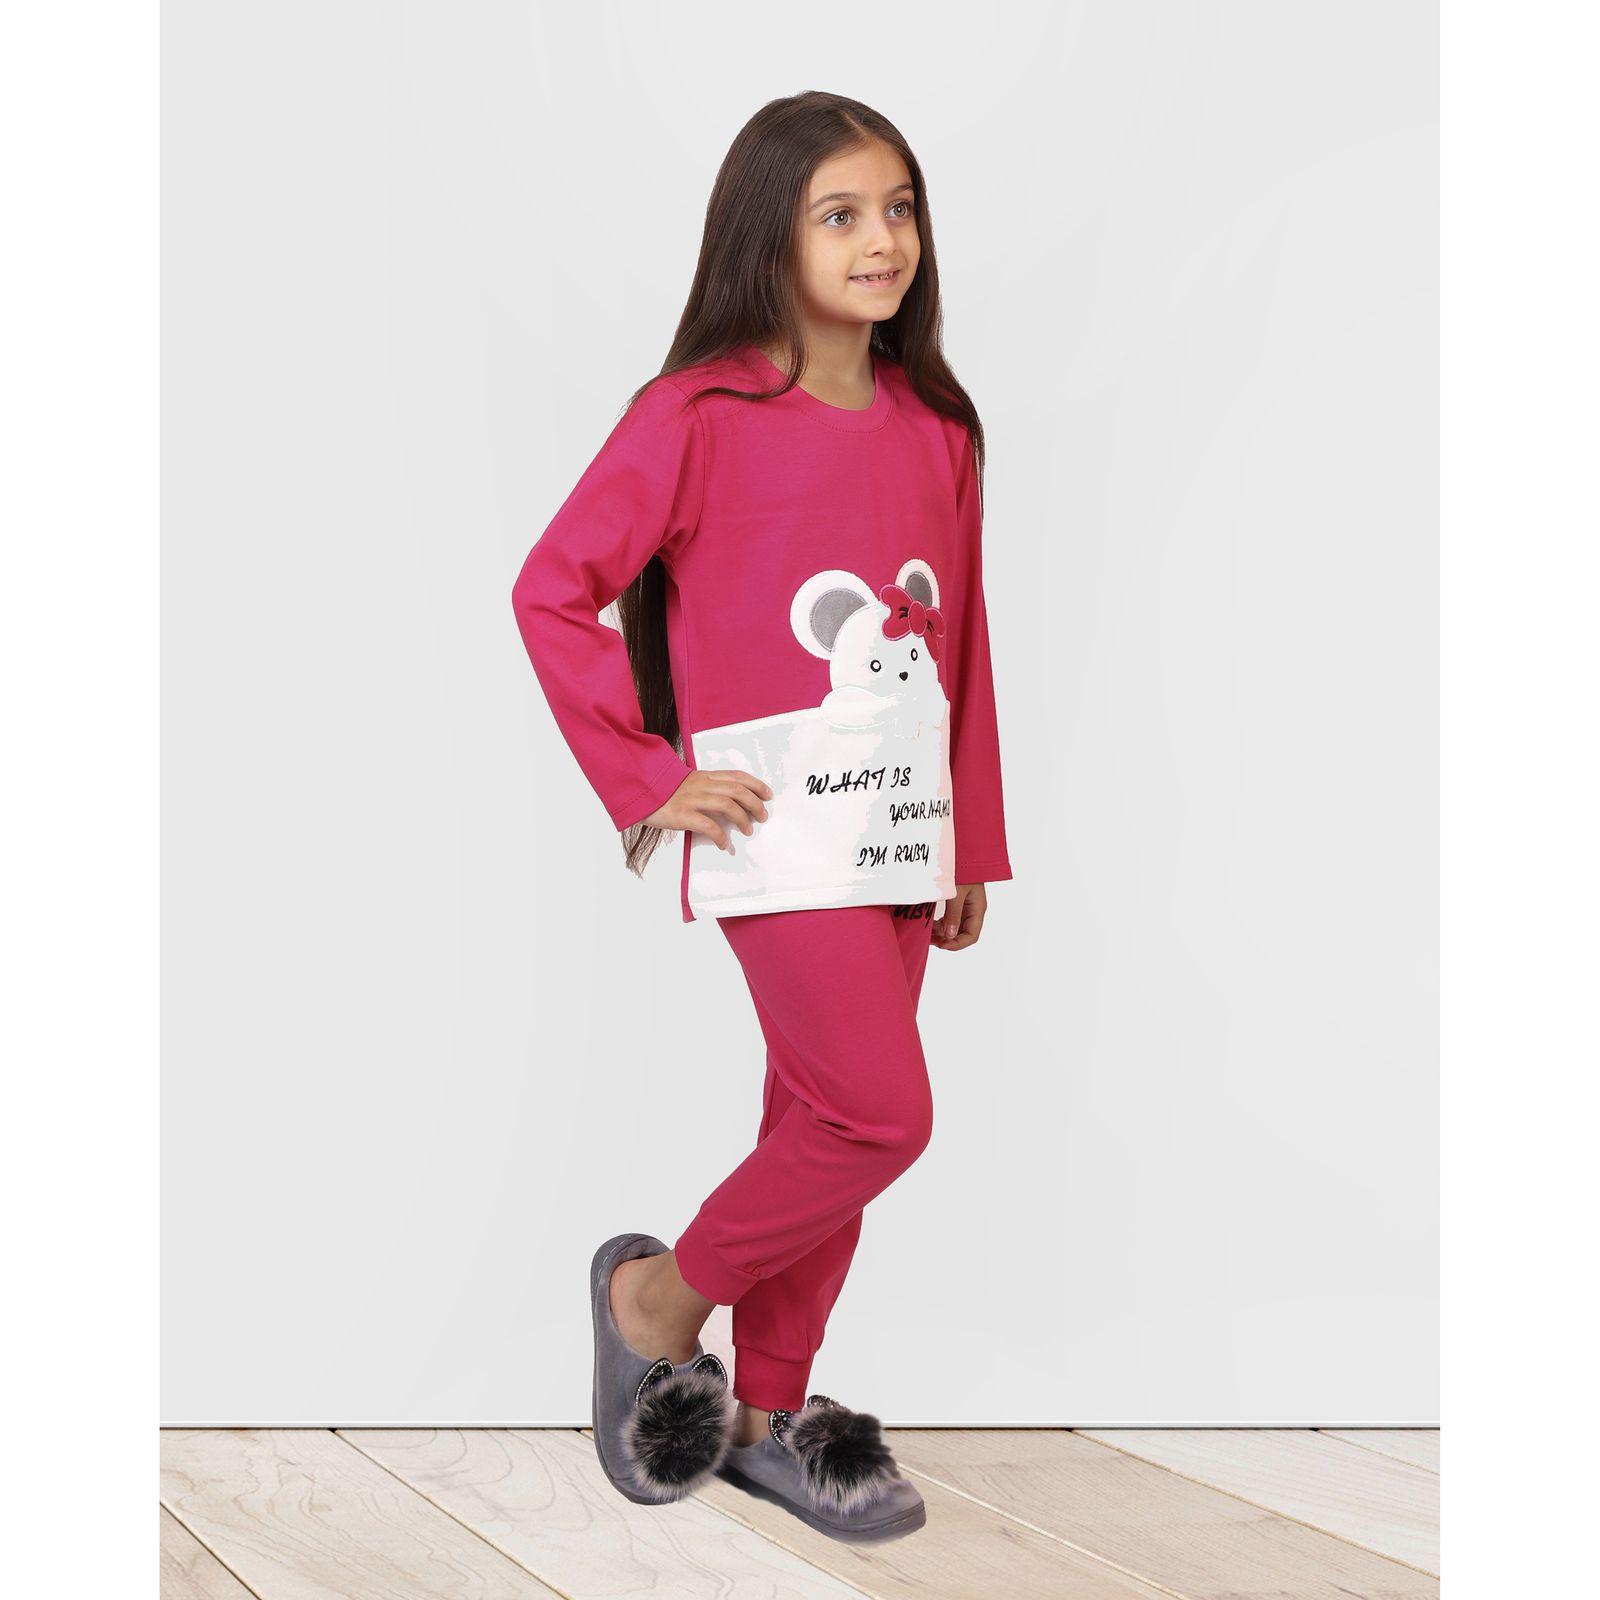 ست تی شرت و شلوار دخترانه مادر مدل 301-66 main 1 10